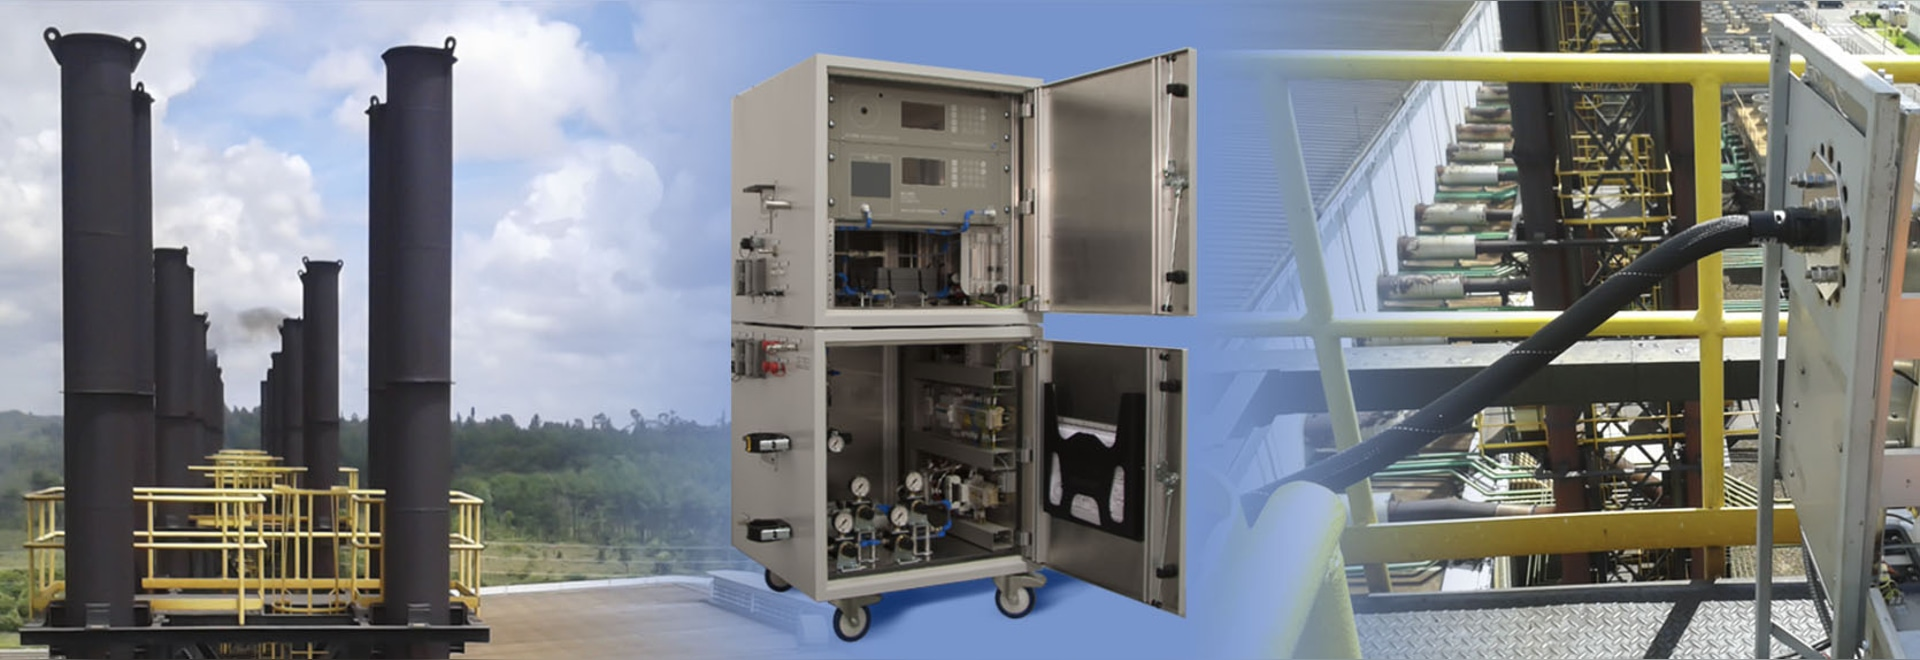 Móvil de Mercury Stack Gas Monitor SM-4